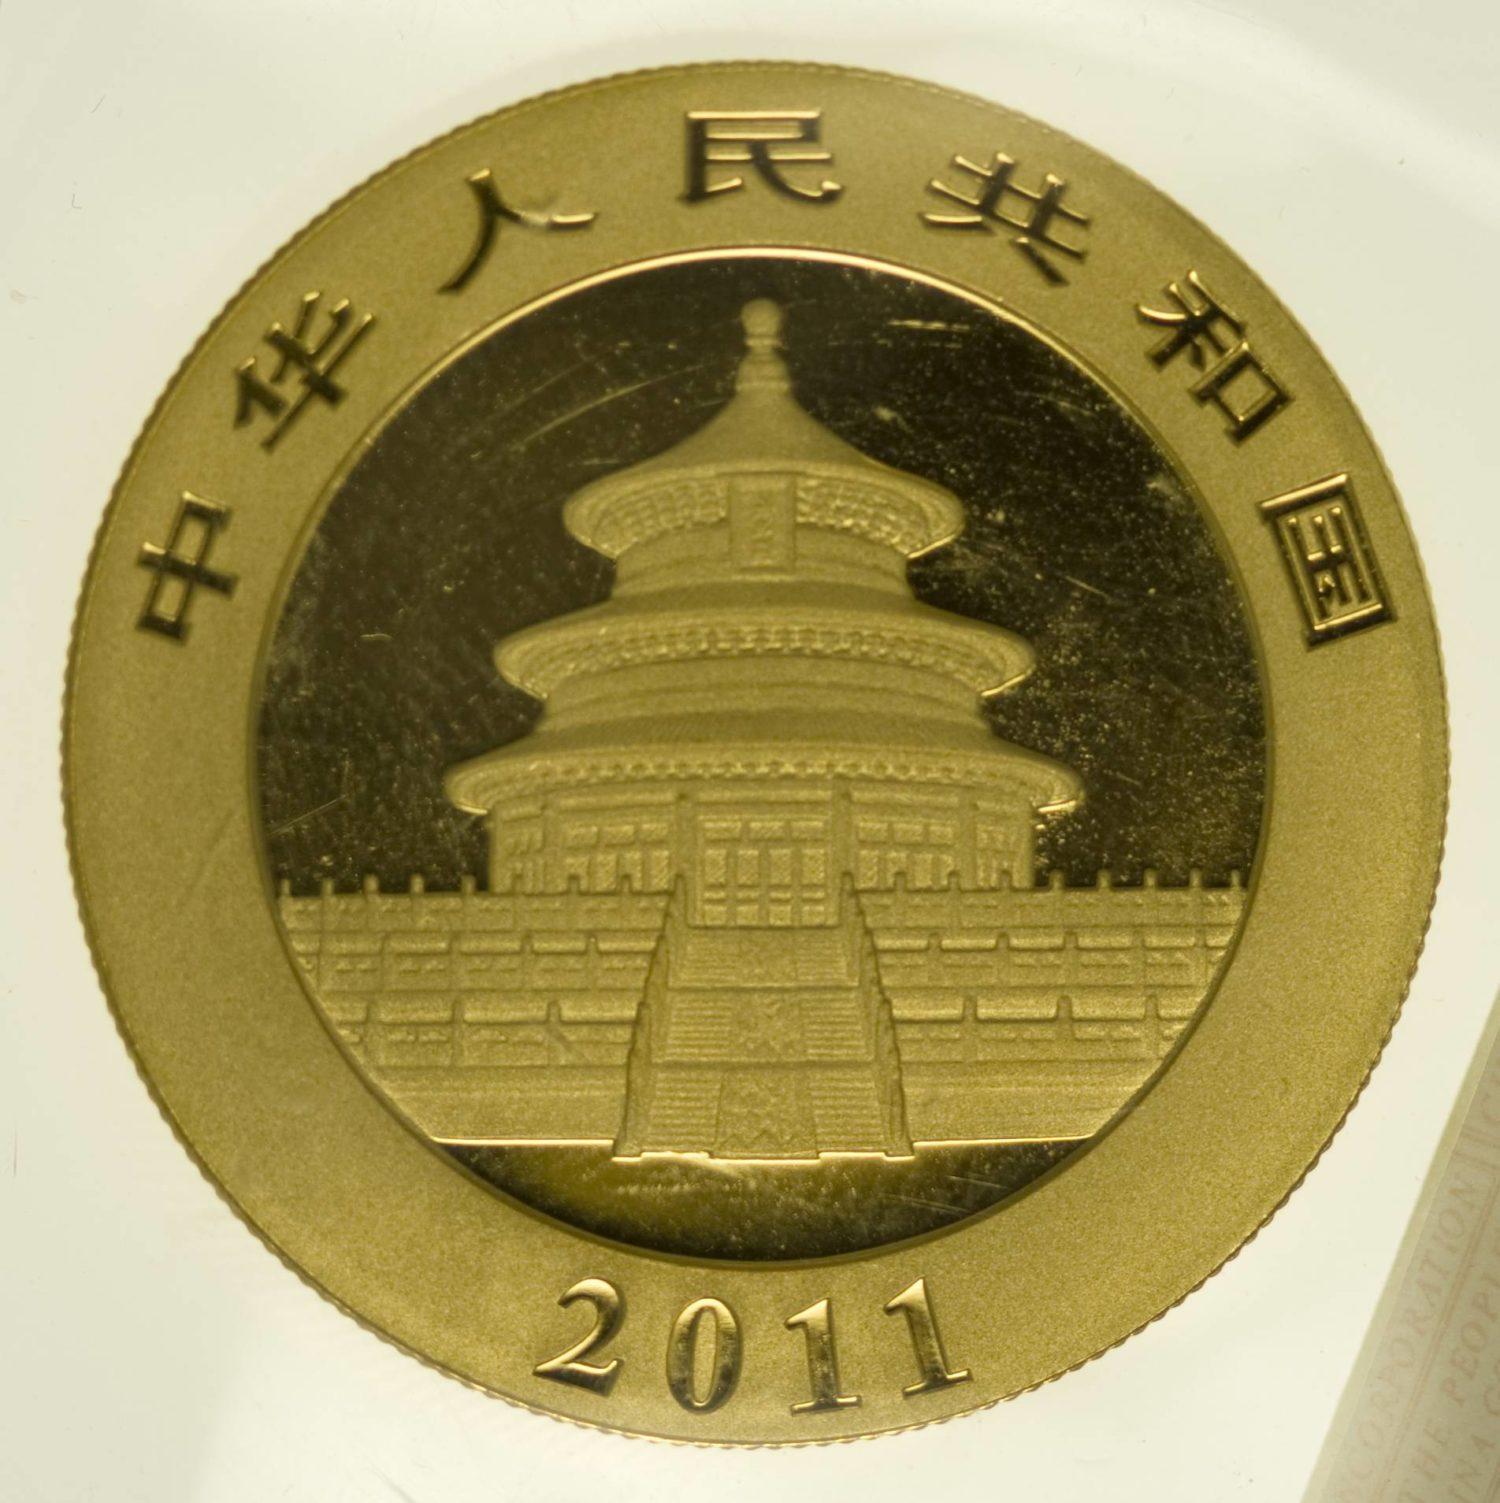 1 Unze Goldmünze China Panda 500 Yuan 2011 31,1 Gramm fein Gold RAR